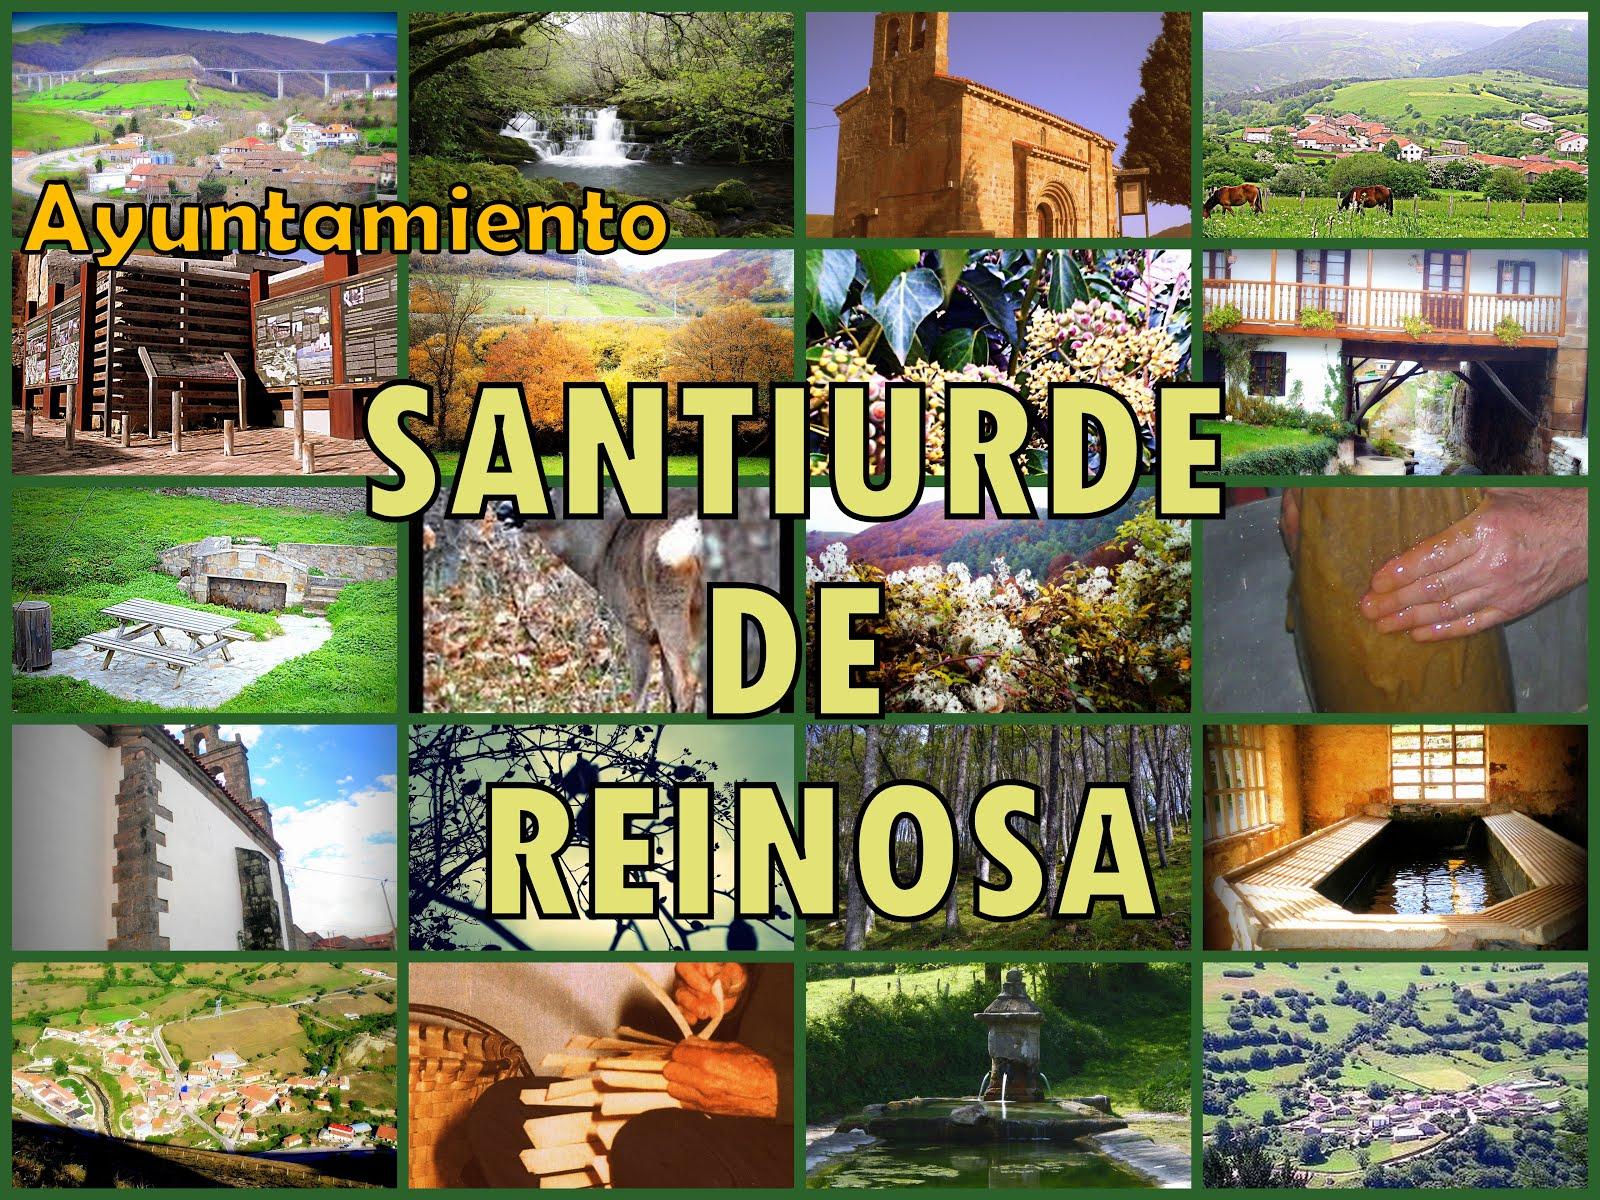 Blog Ayto Santiurde de Reinosa